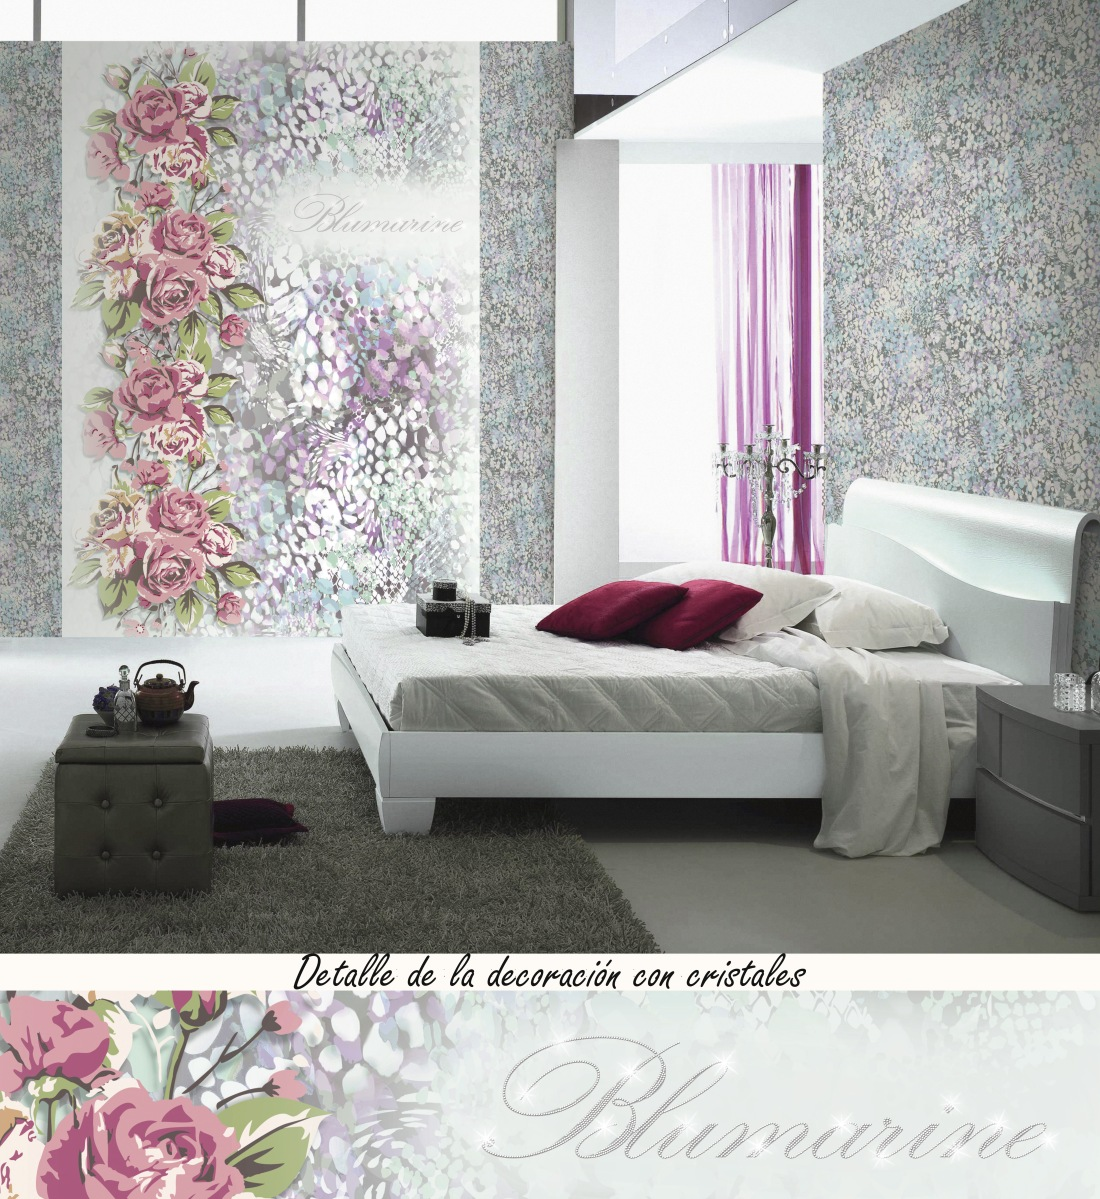 4 murales con cristales luxury de blumarine villalba - Cristales para paredes ...